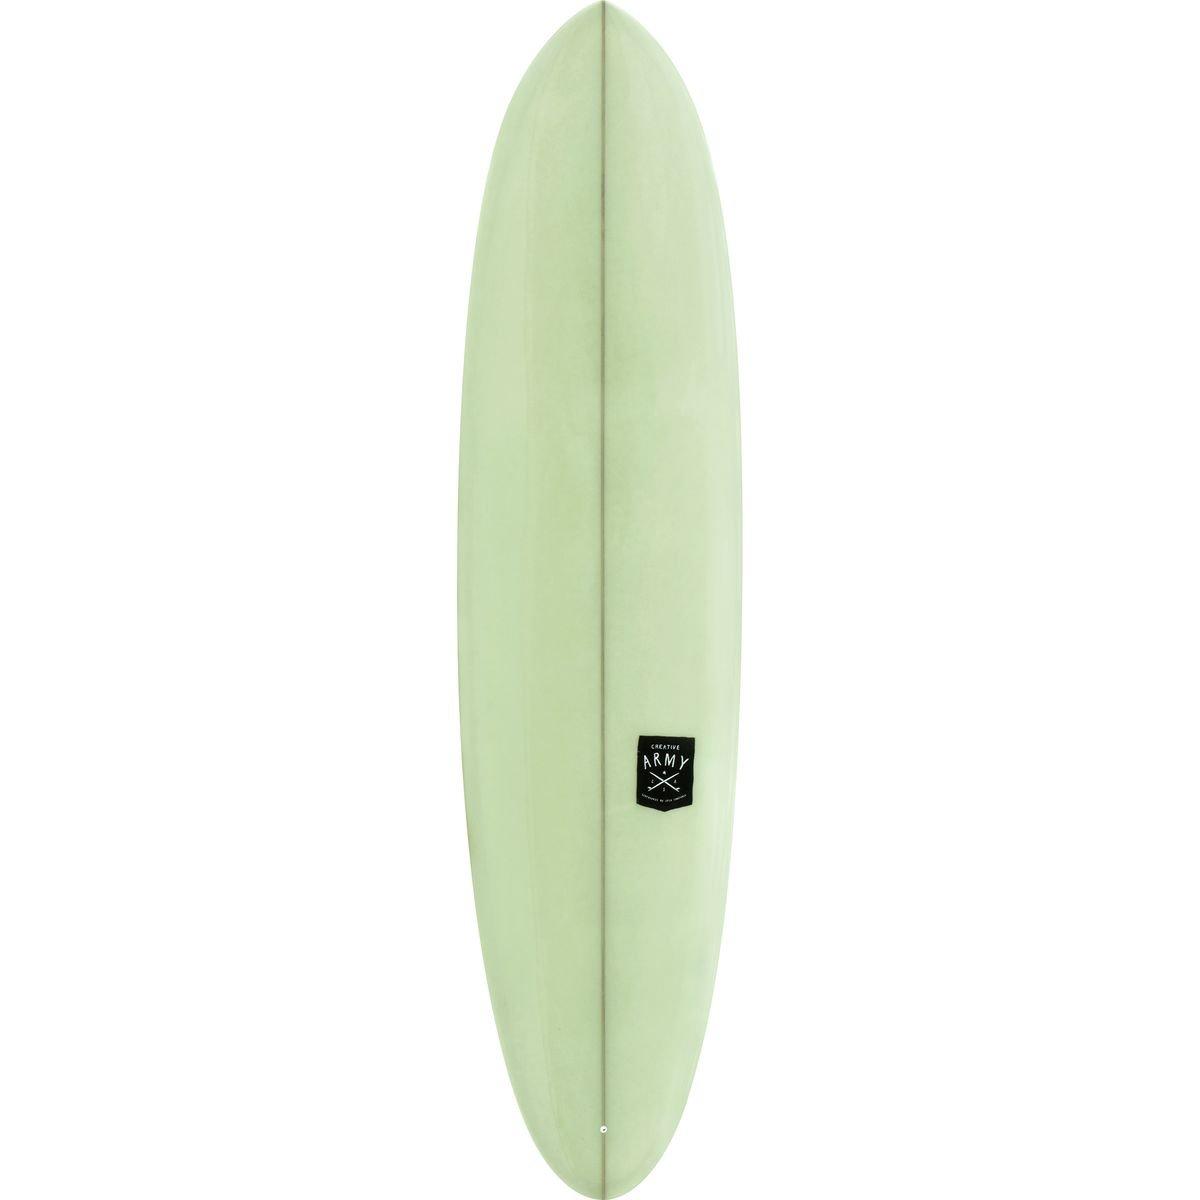 クリエイティブArmy 7ft Huevo PU PU Longboard Surfboard B07B9JGX71 Tint Olive Tint 7ft 6in, モノスタ:17b13e05 --- amlakbistoon.com